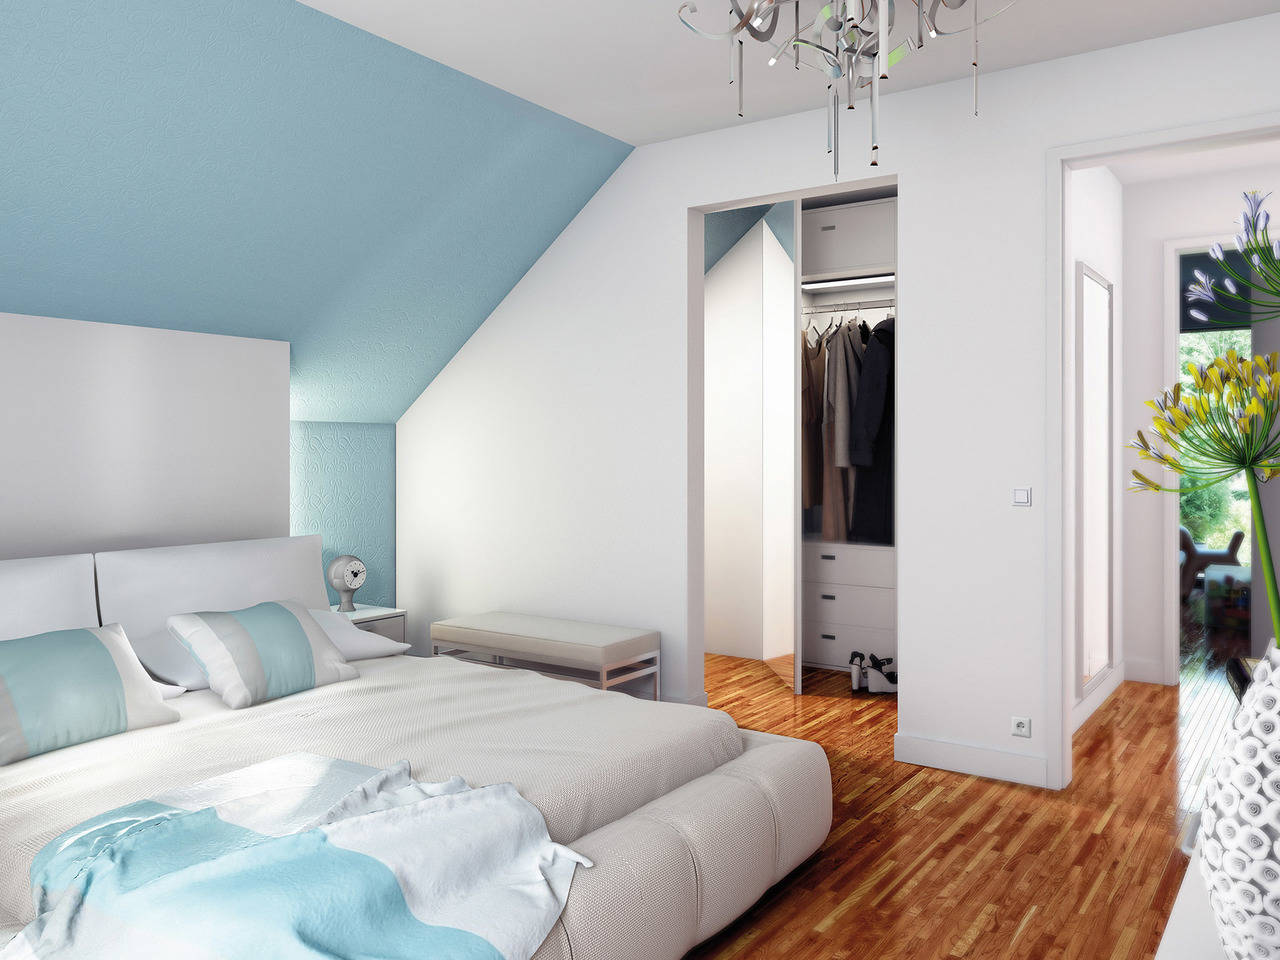 Haus Solution 124 V5 b Schlafzimmer von Living Haus